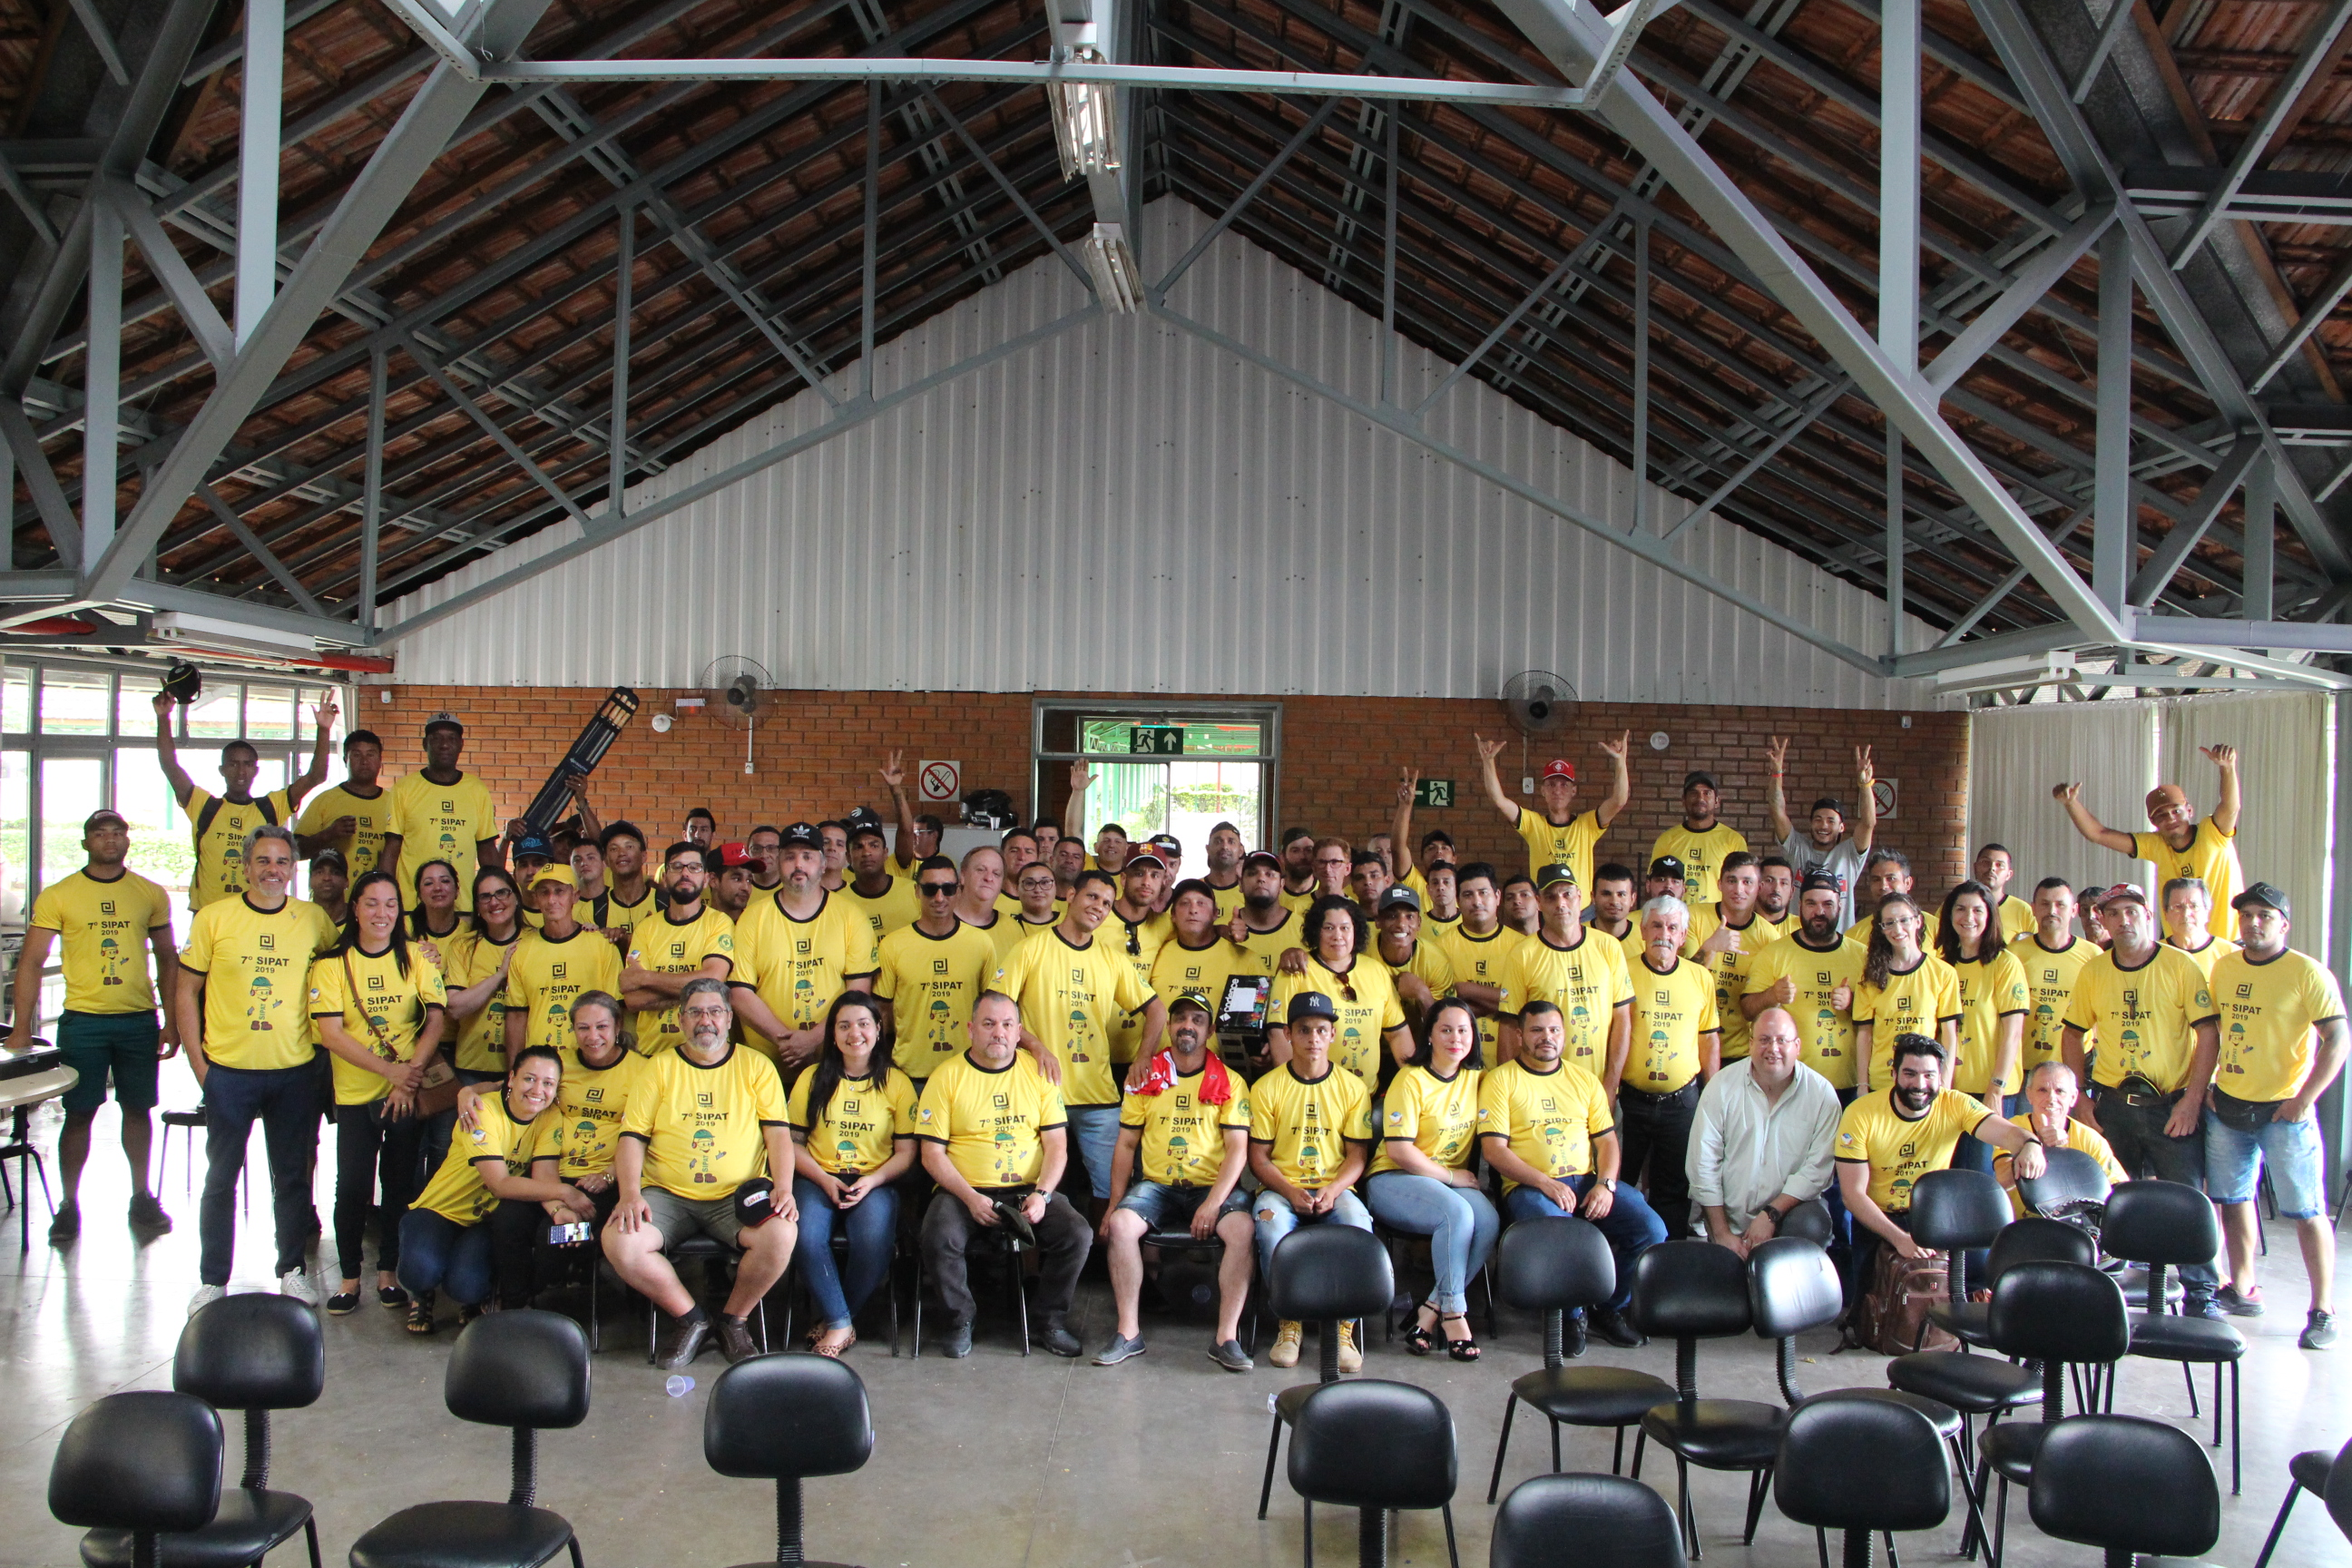 7ª Semana Interna de Prevenção a Acidentes de Trabalho (Sipat) da Construtora Jobim.